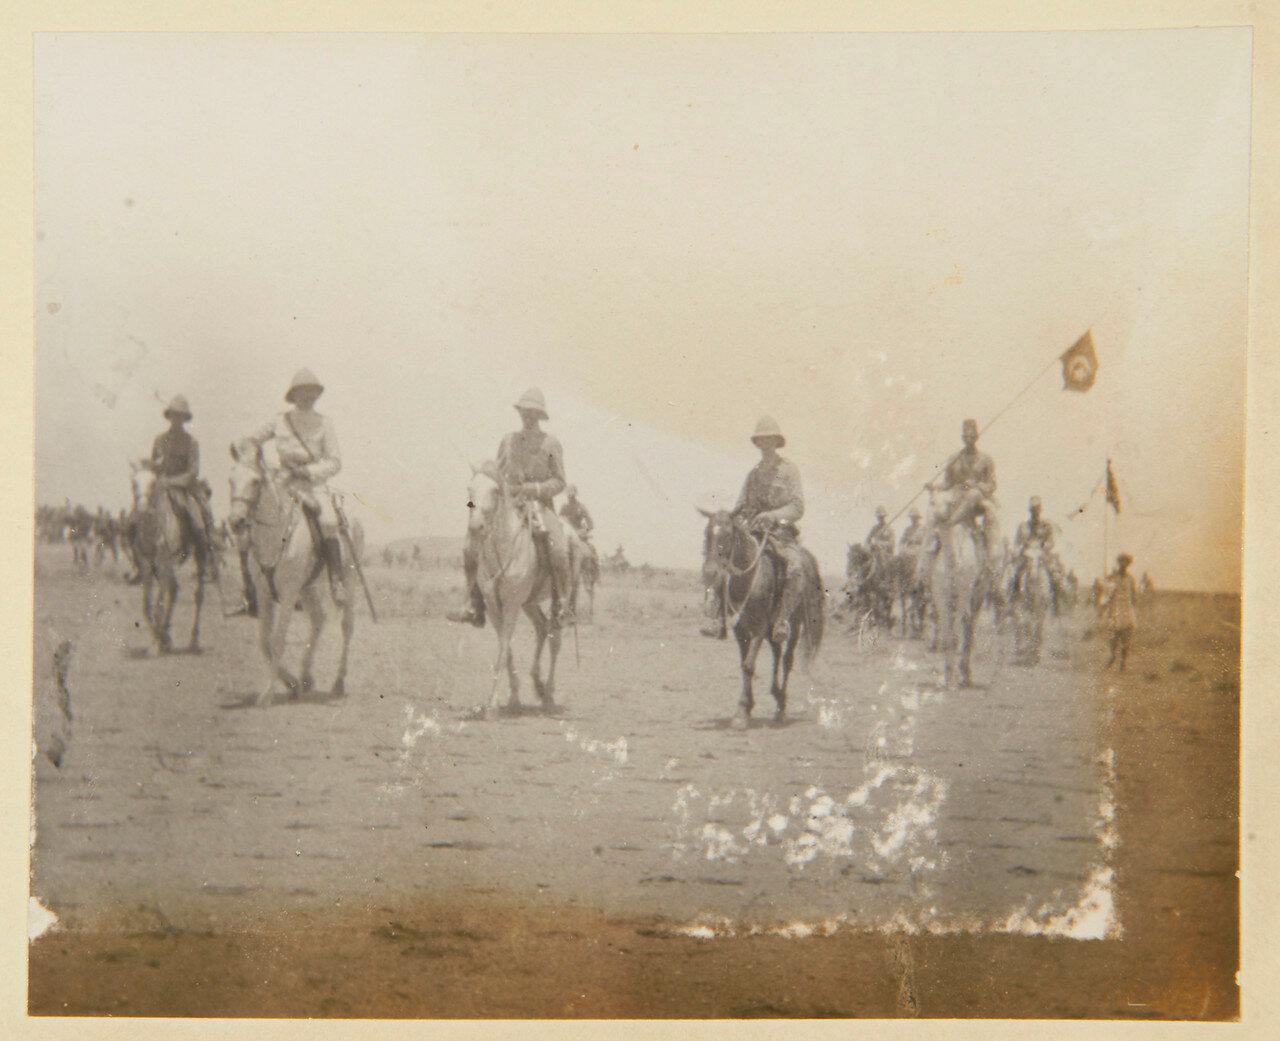 2 сентября, 11.30. Сирдар (лорд Китченер) покидает поле боя с его собственным флагом и Черным Знаменем Халифа